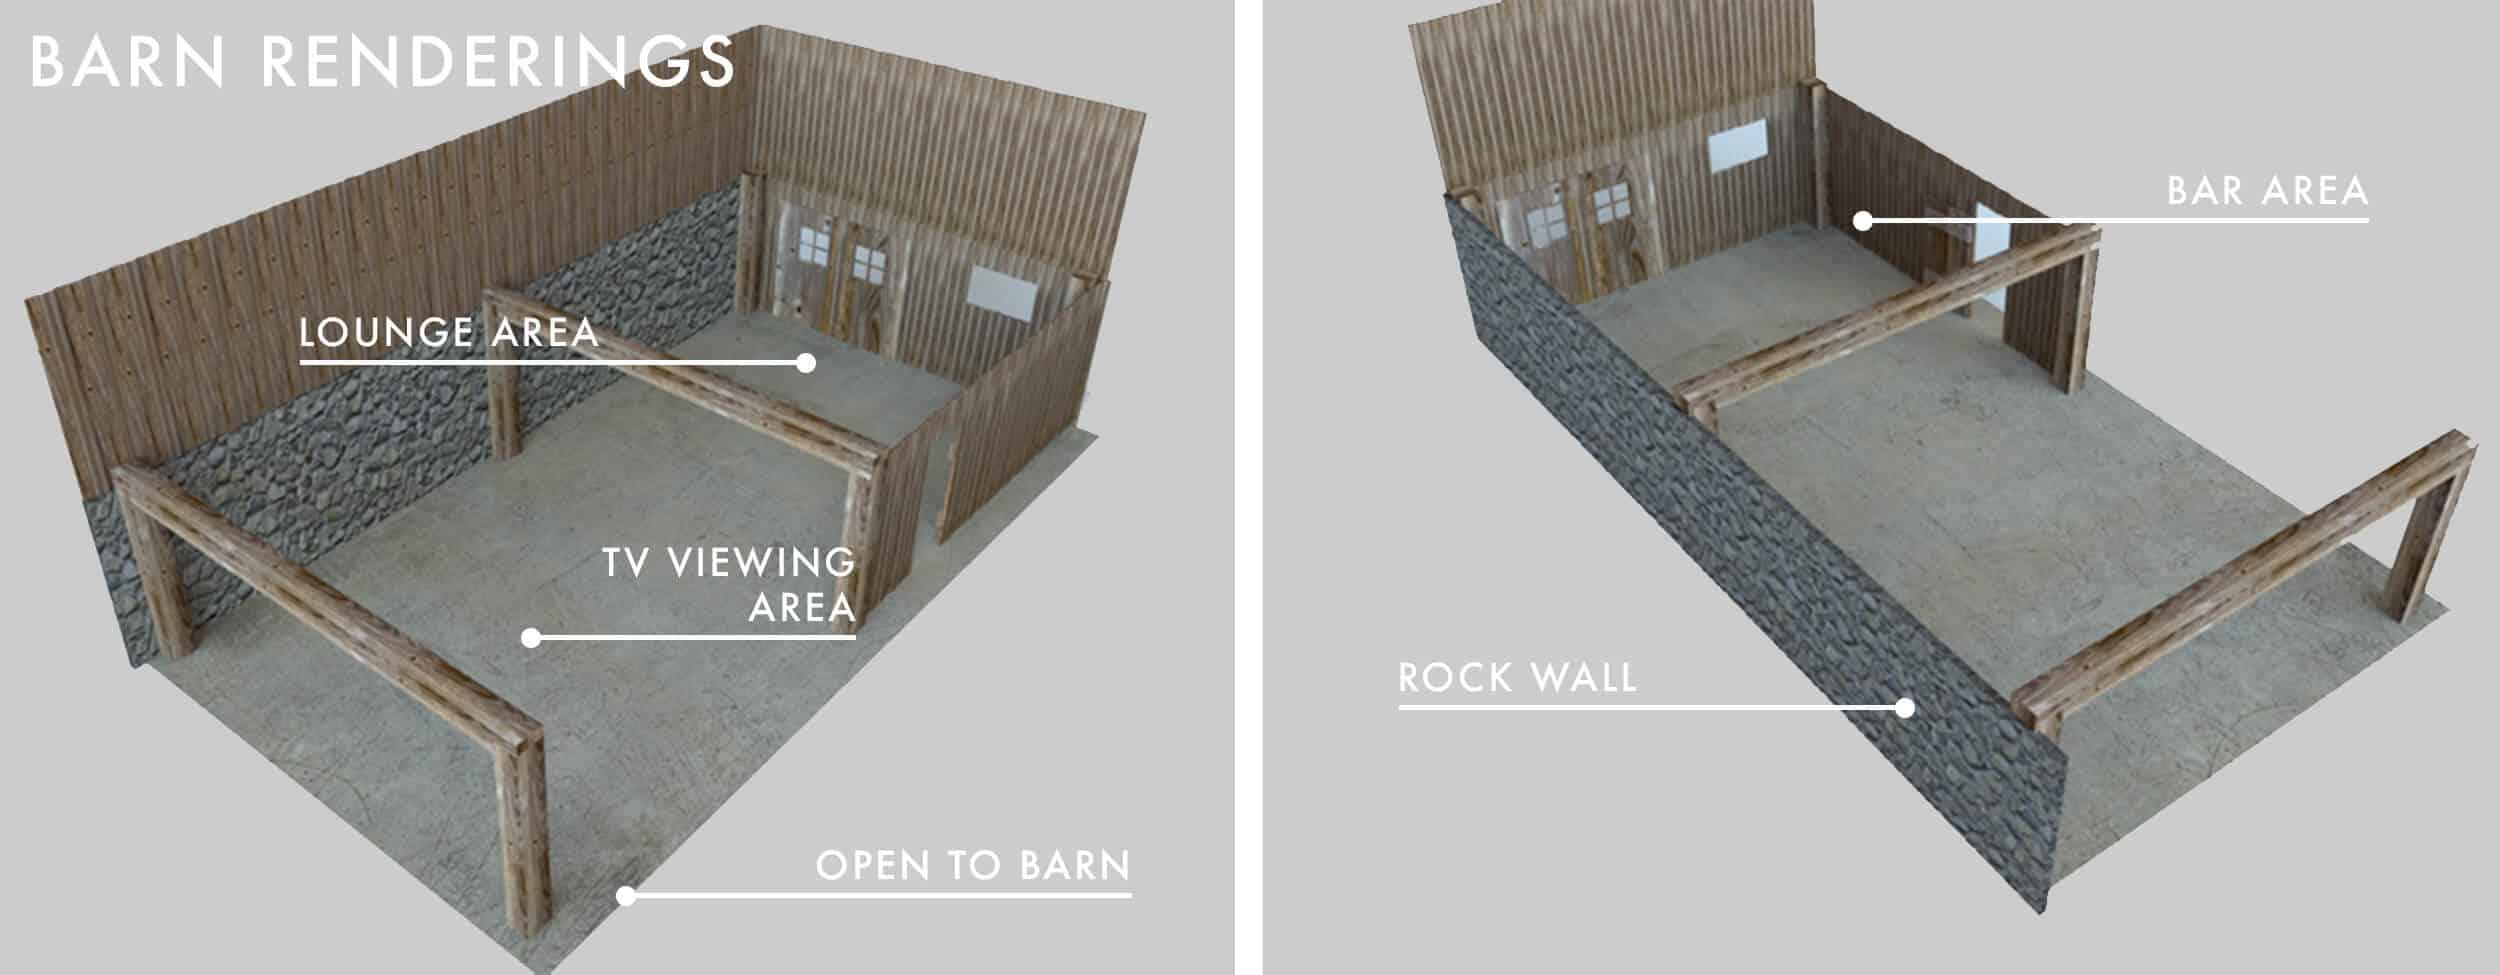 Emily Henderson Makeover Rustic Barn Soho House Lounge Bar The Frame Samsung Barn 3d Renderings